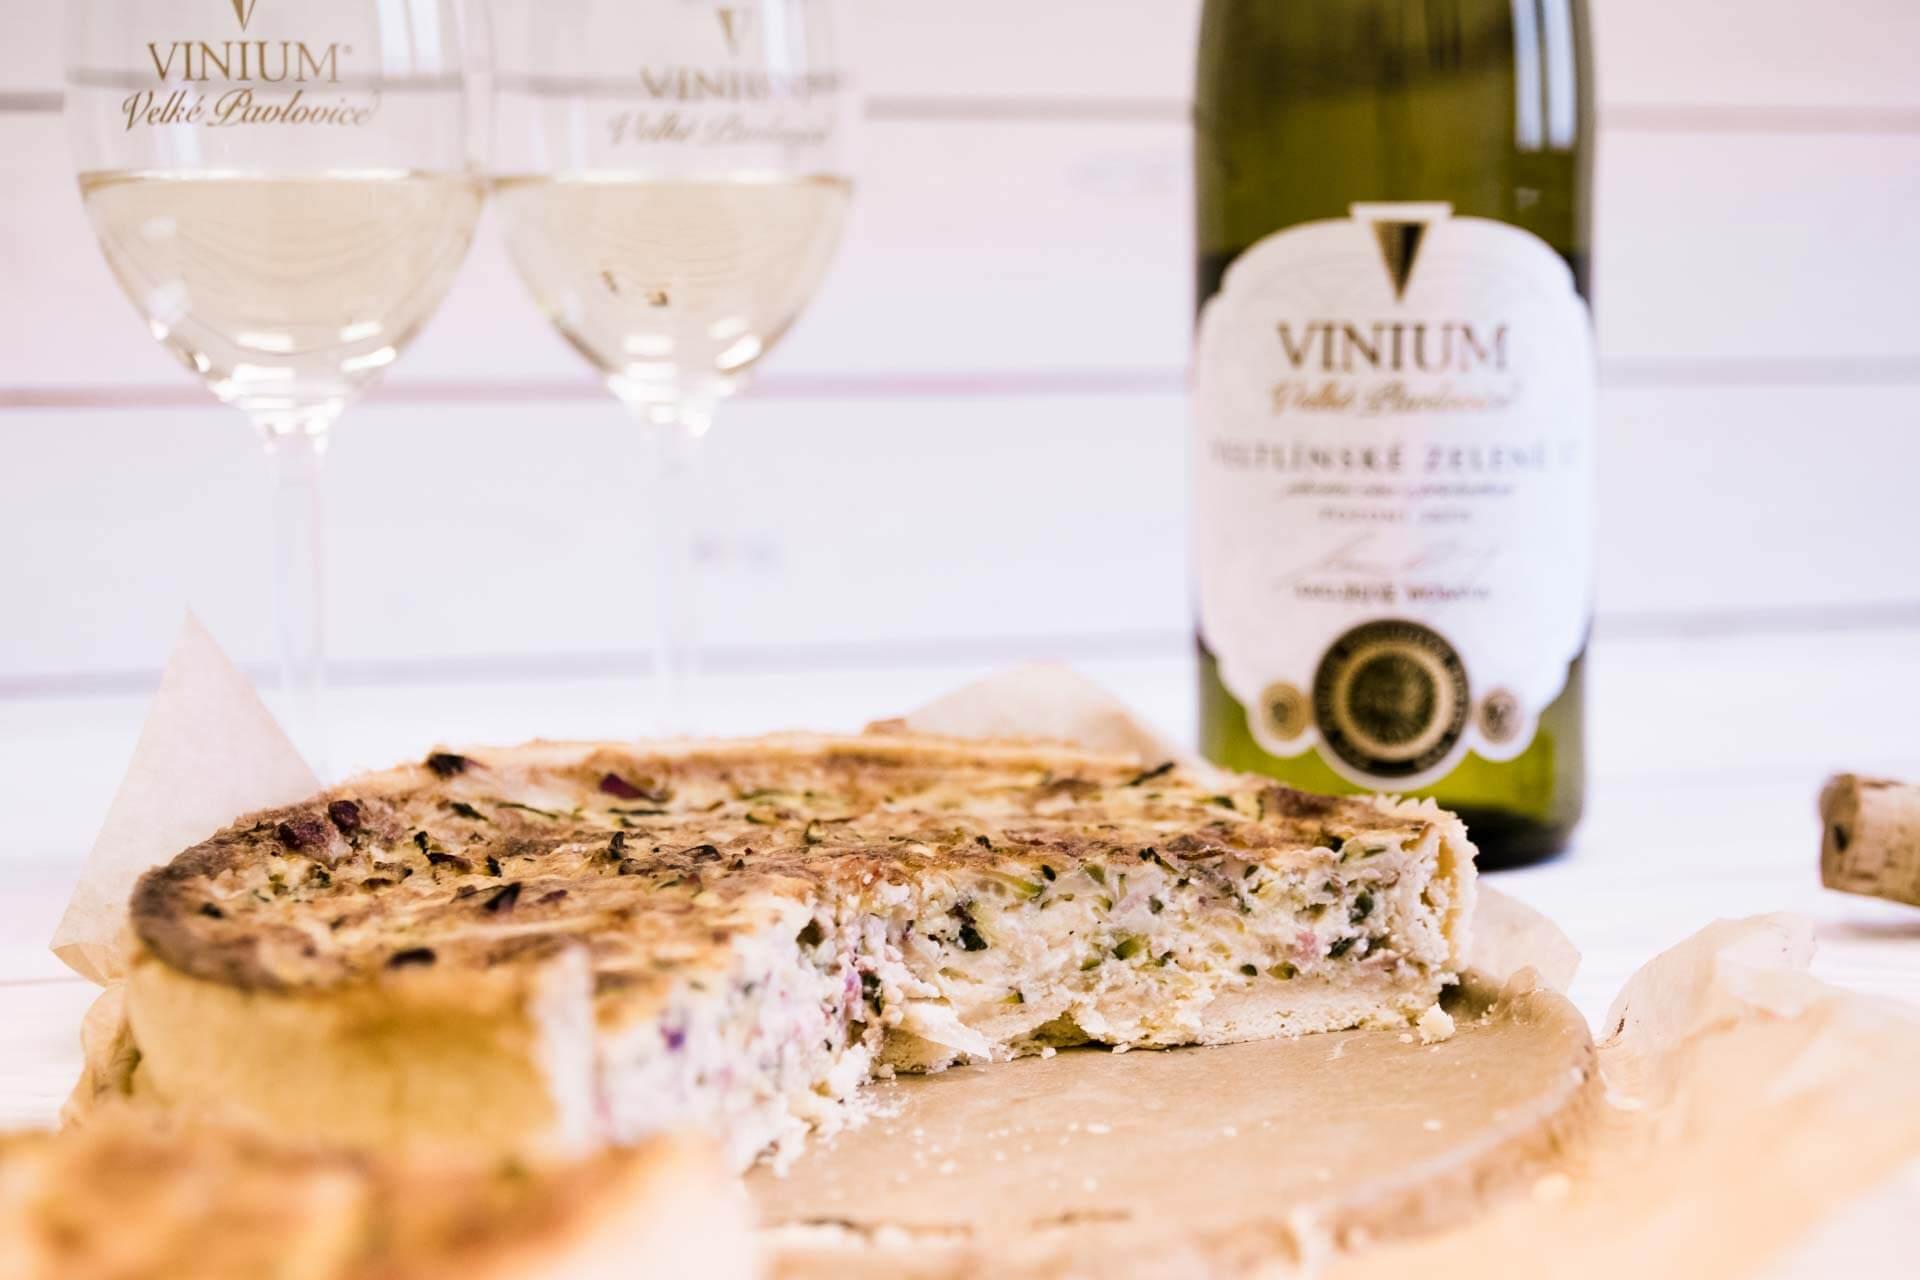 Foto ke článku 6, recept quiche, slaný koláč, Veltlínské zelené, VINIUM